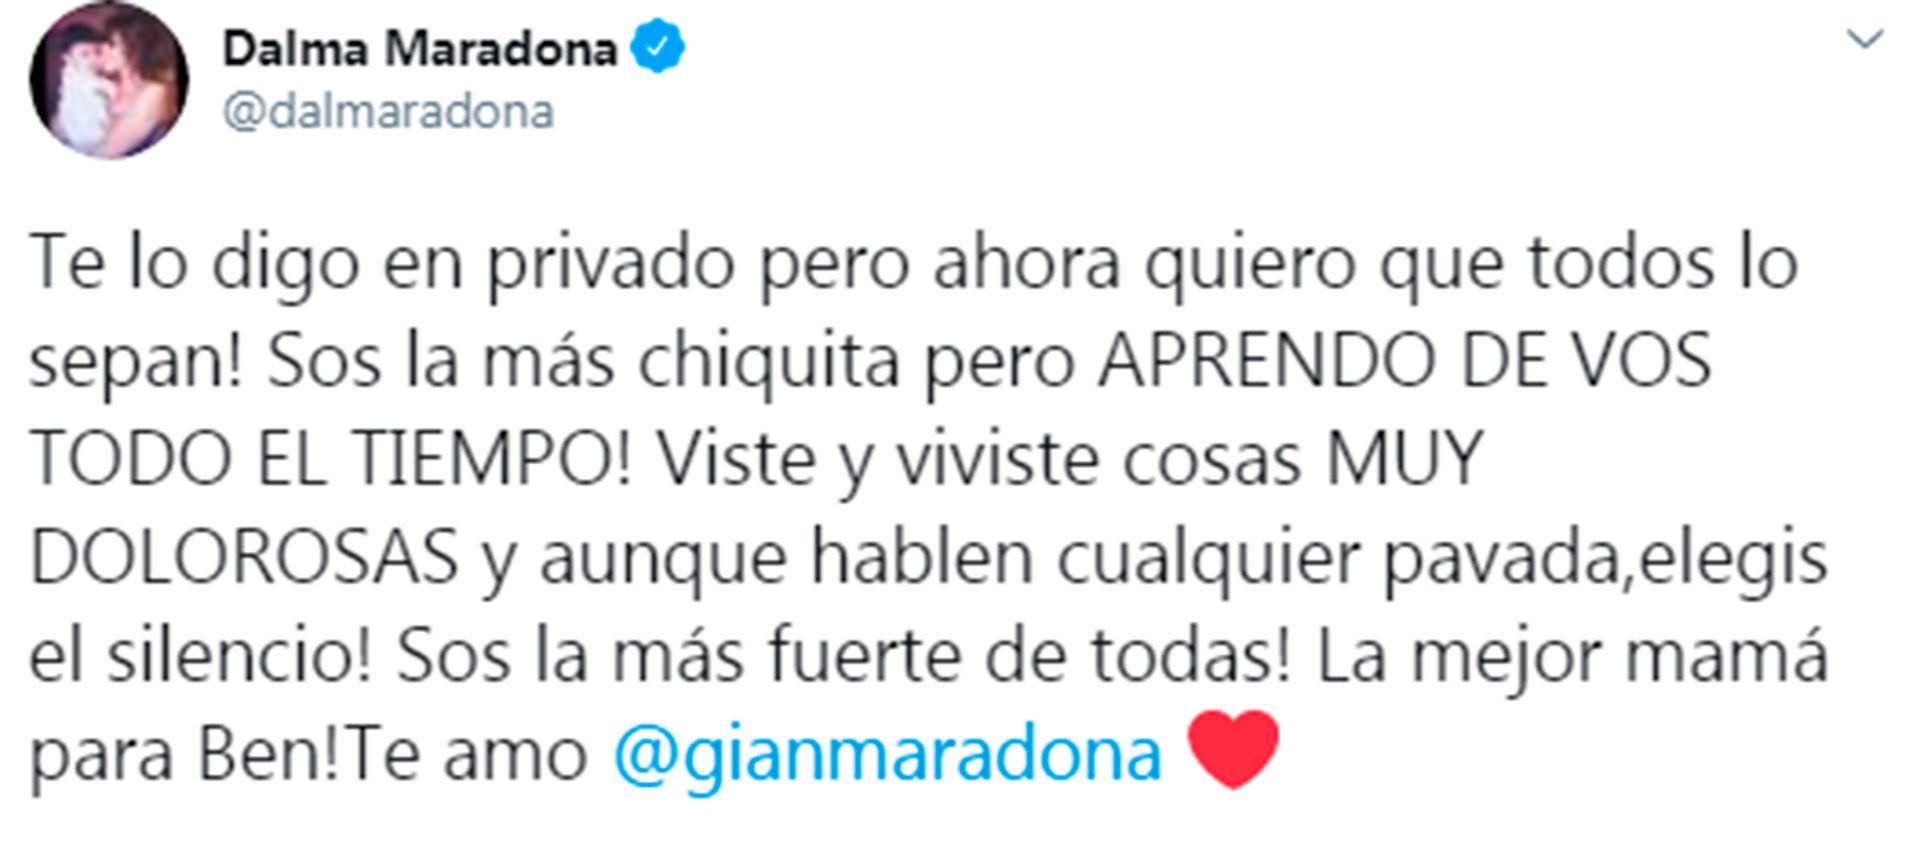 Mensaje de Dalma Maradona